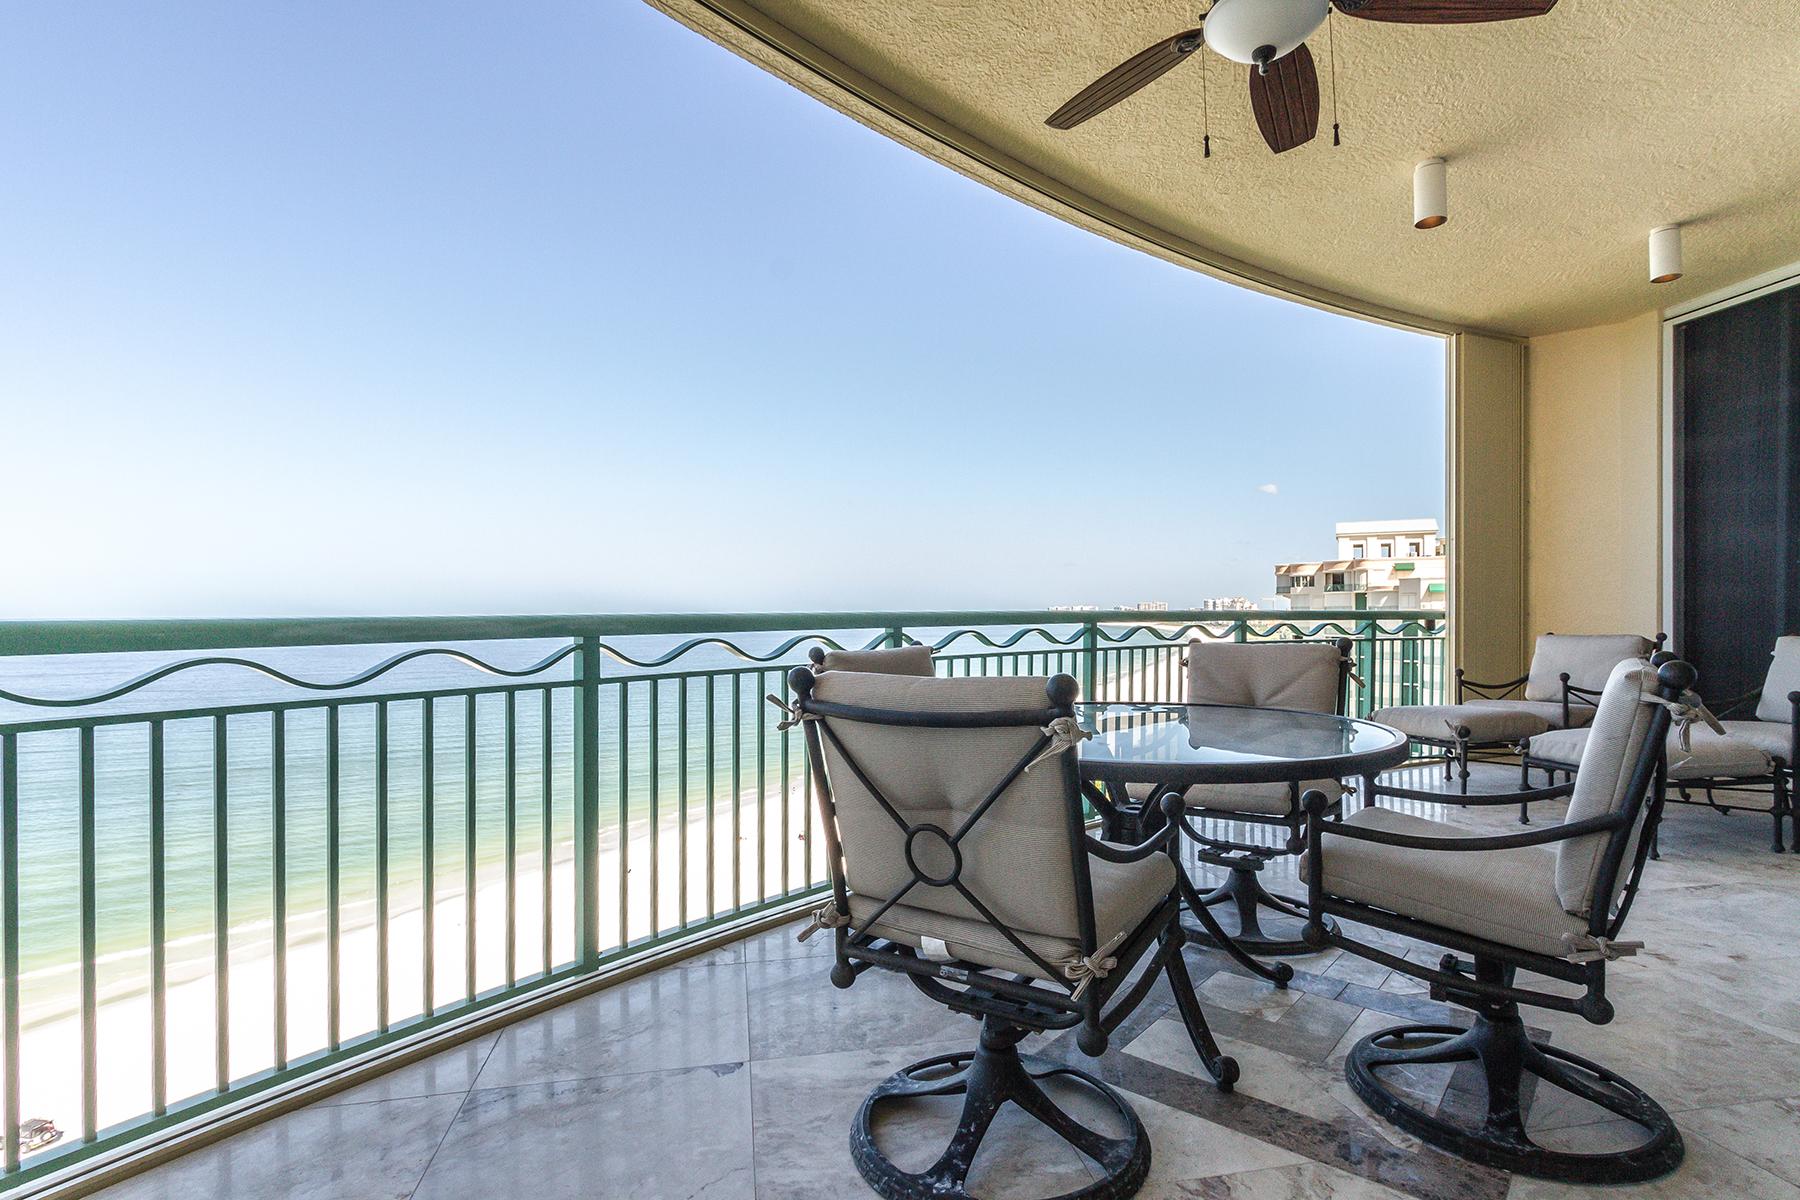 Condominium for Rent at CAPE MARCO- VERACRUZ 940 Cape Marco Dr 1402, Marco Island, Florida 34145 United States